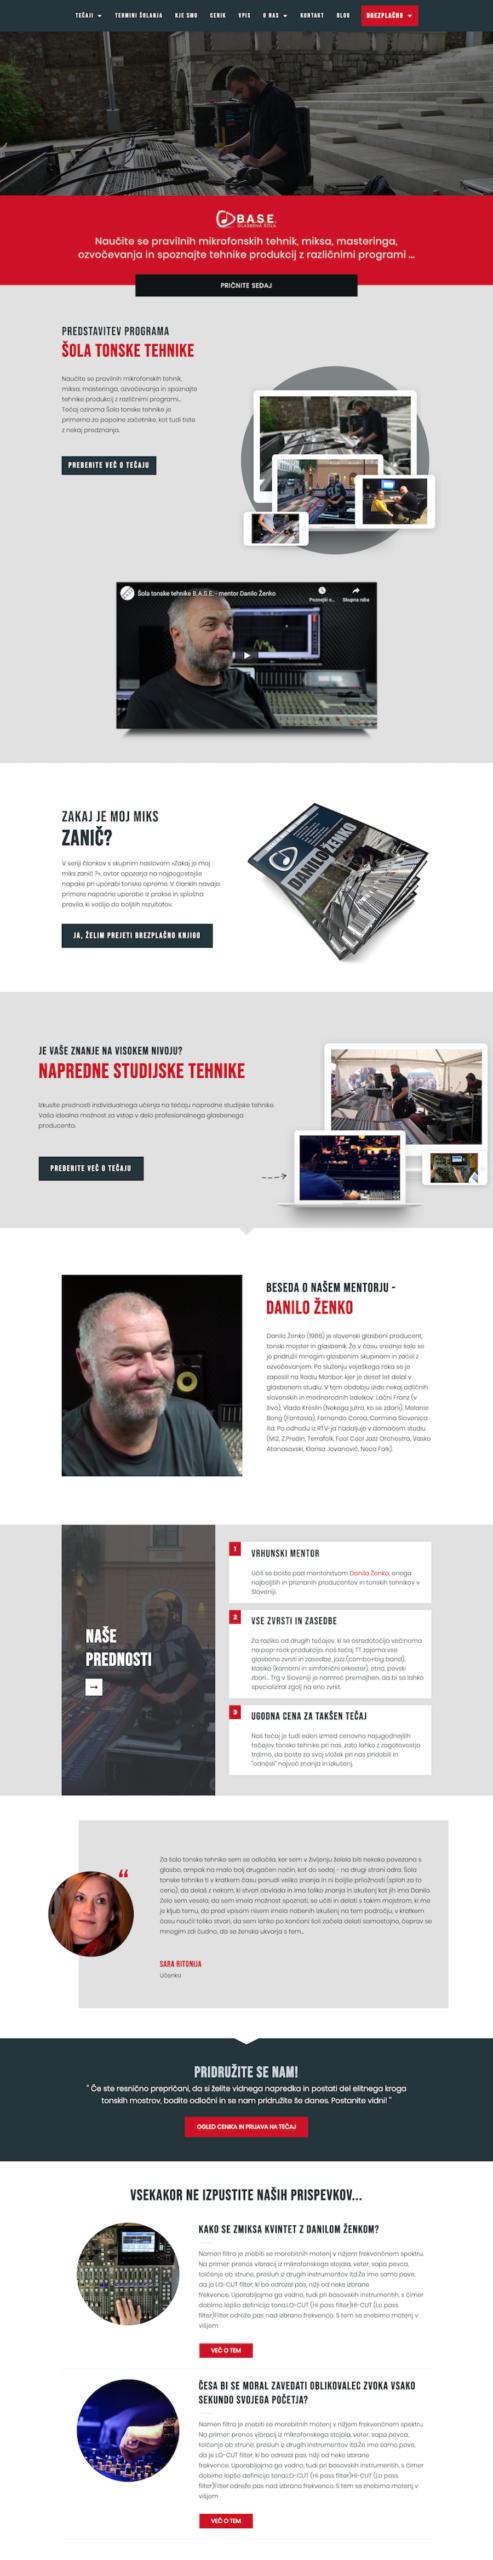 Izdelava spletnih strani Base tonska tehnika